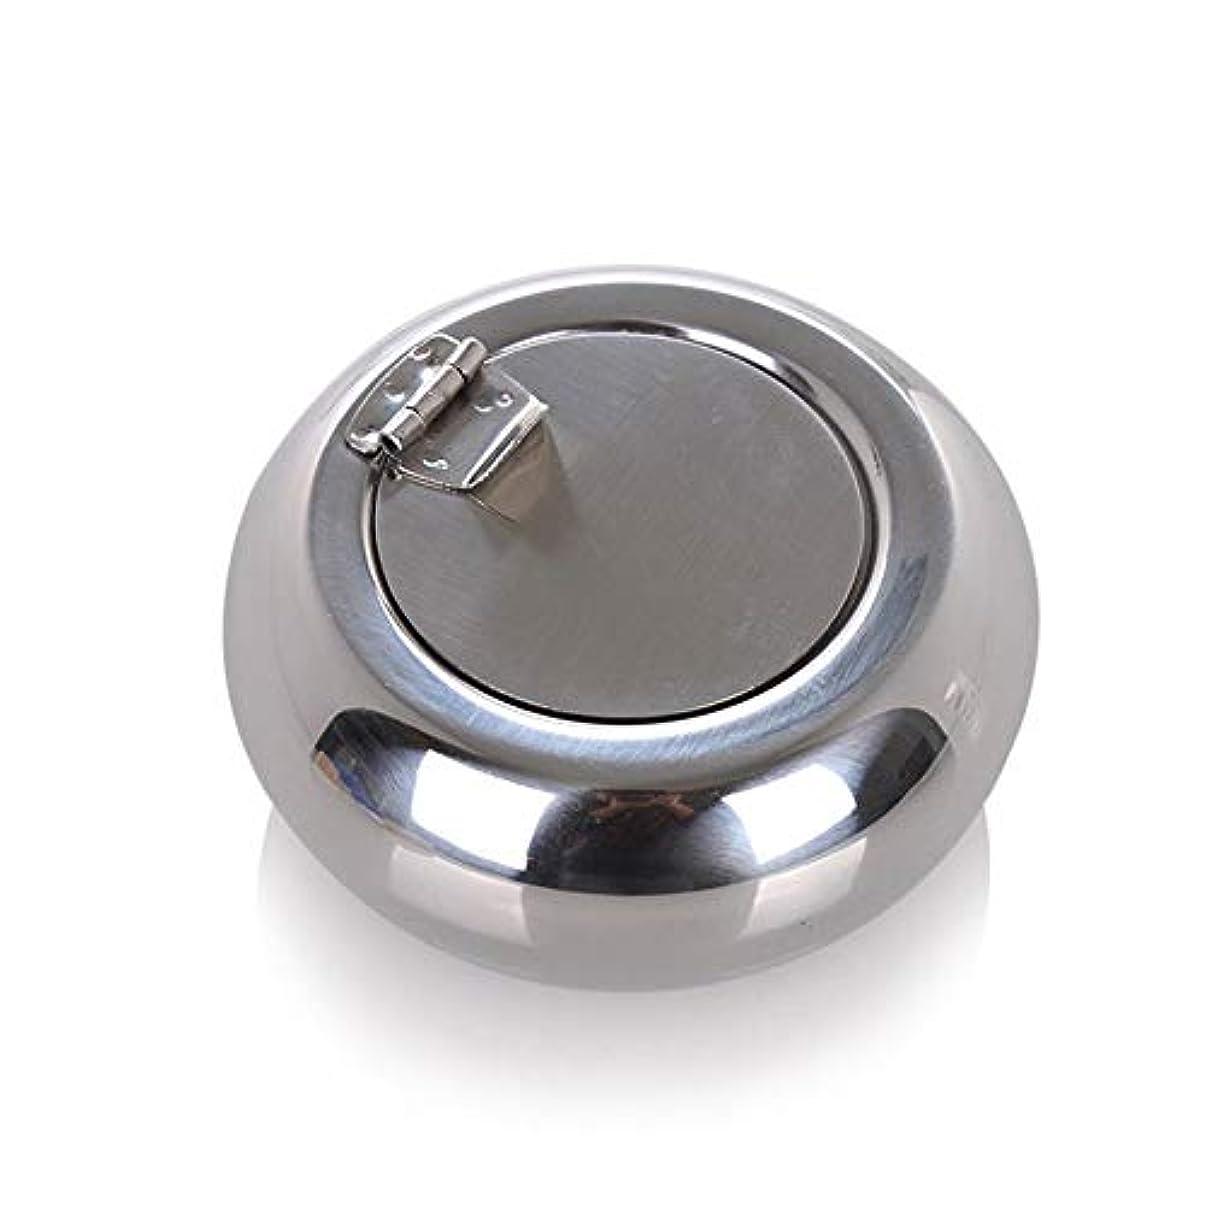 にんじんおもしろいショップドラム型のステンレス鋼の灰皿防風カバーヨーロッパの灰皿の人格トレンド金属煤創造的な家、高品質のステンレス鋼、防風カバー灰皿ゴールドブラック色 (色 : 銀, Size : S)